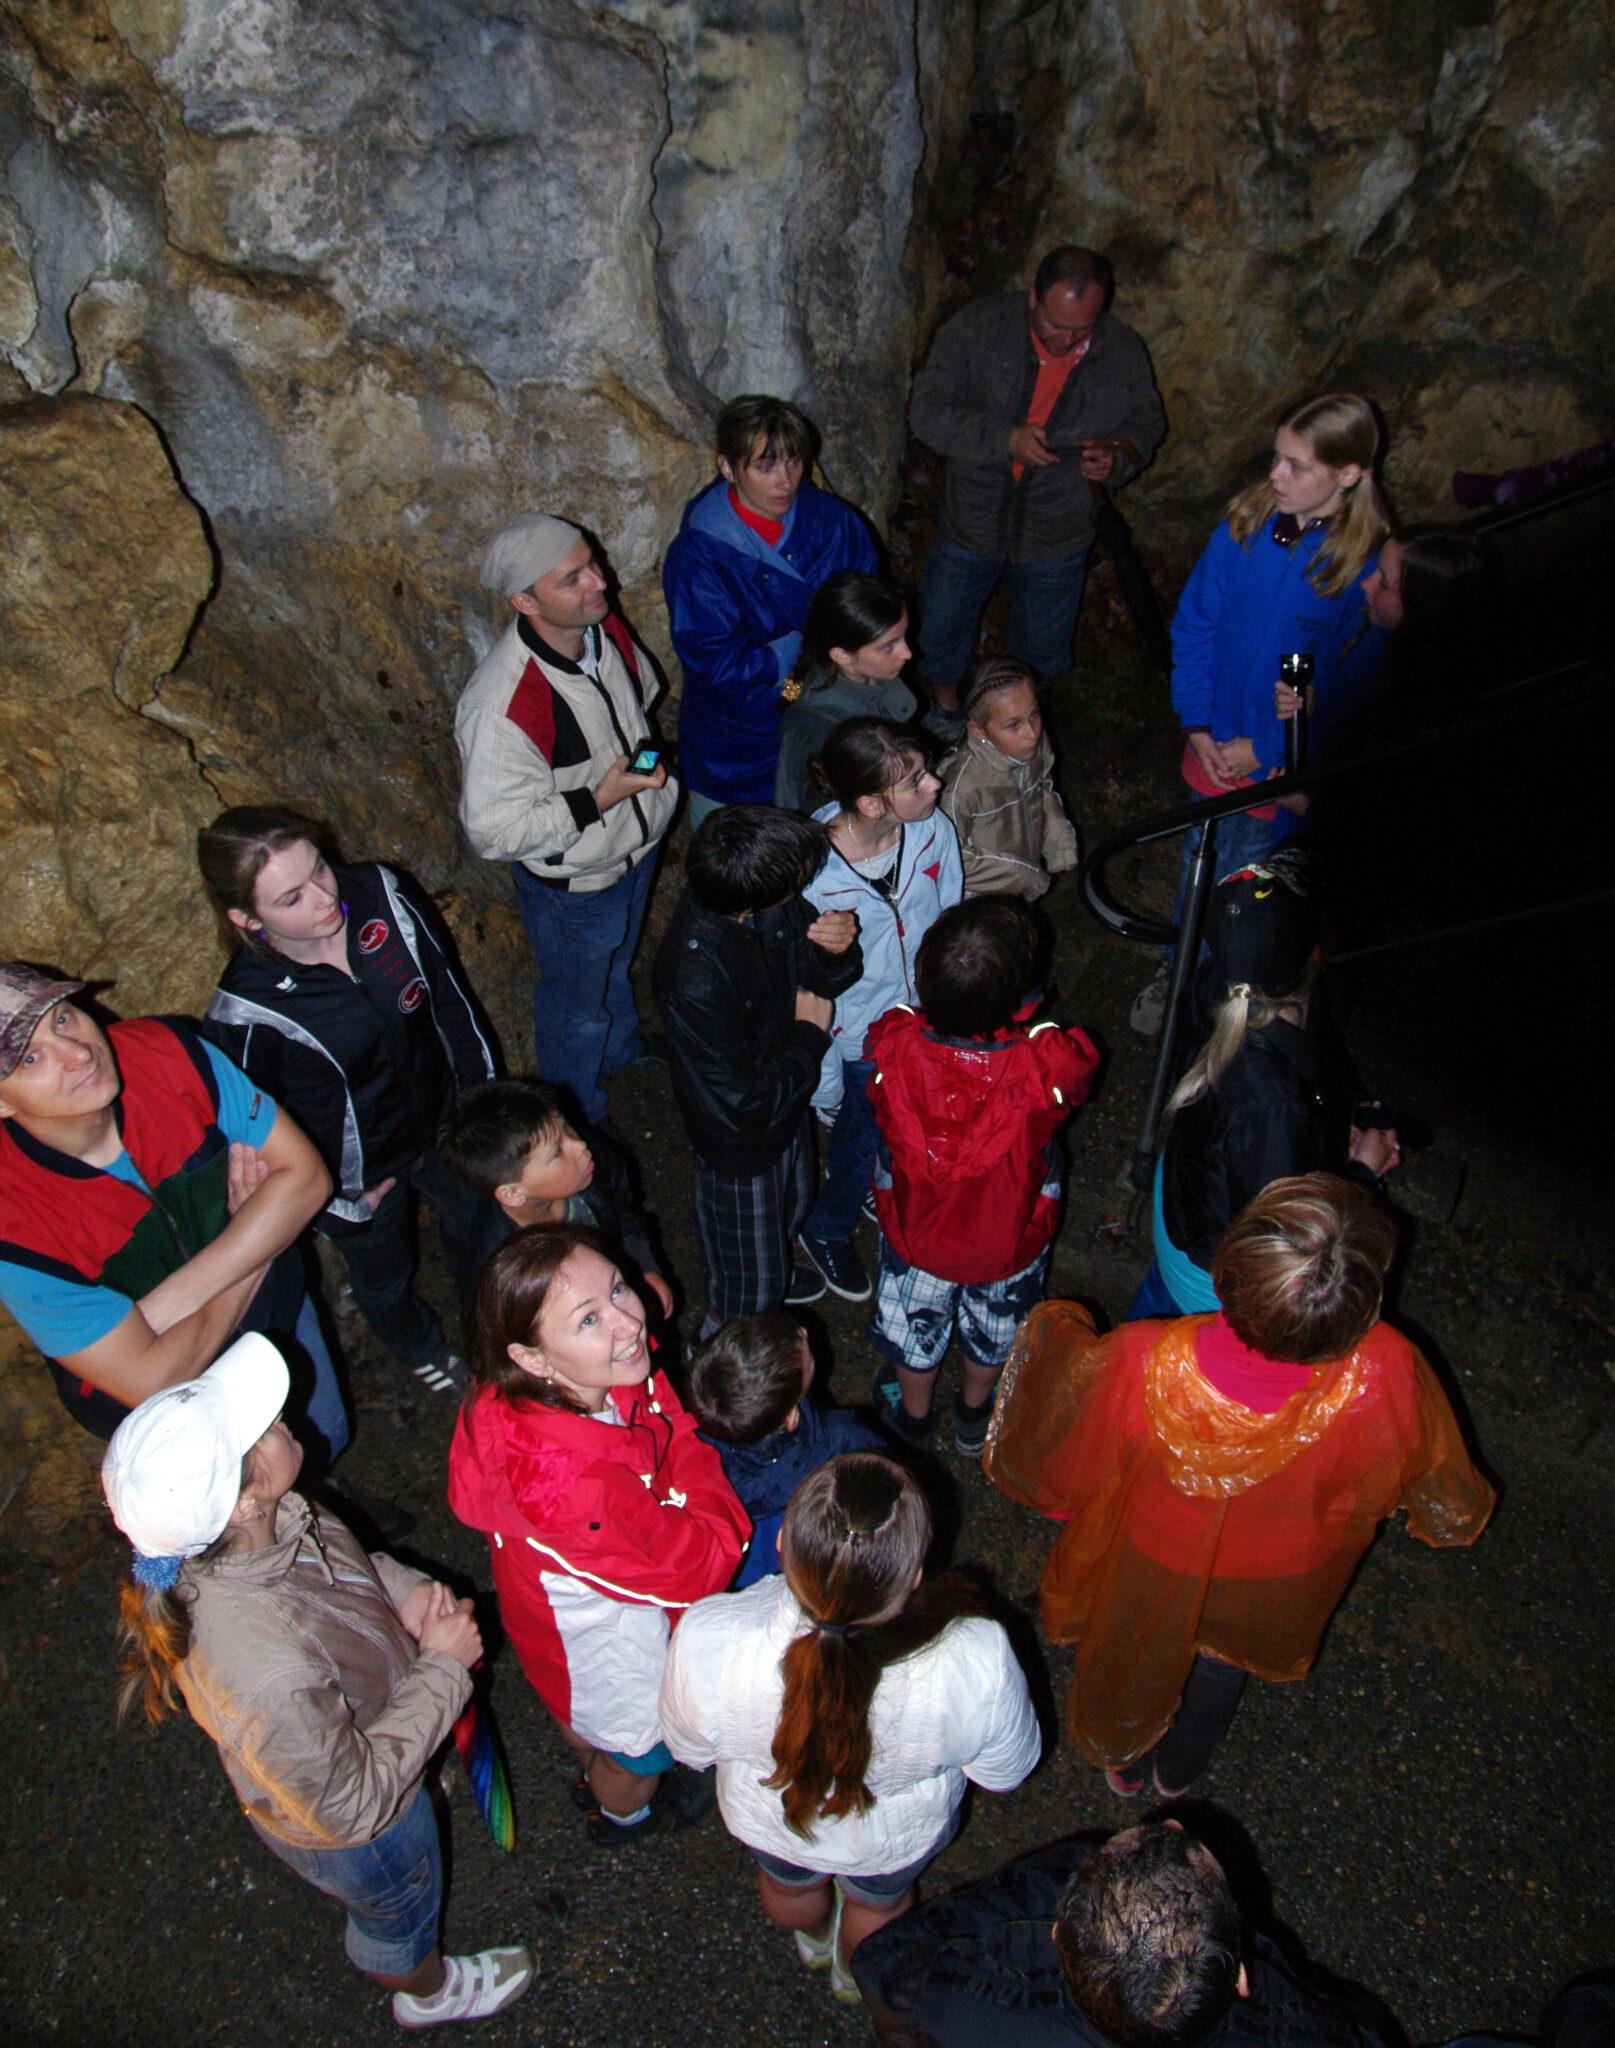 Jahr 2011. Kindertanzclub bravO. Ausflug nach Kolbingen Tropfsteinhöhle